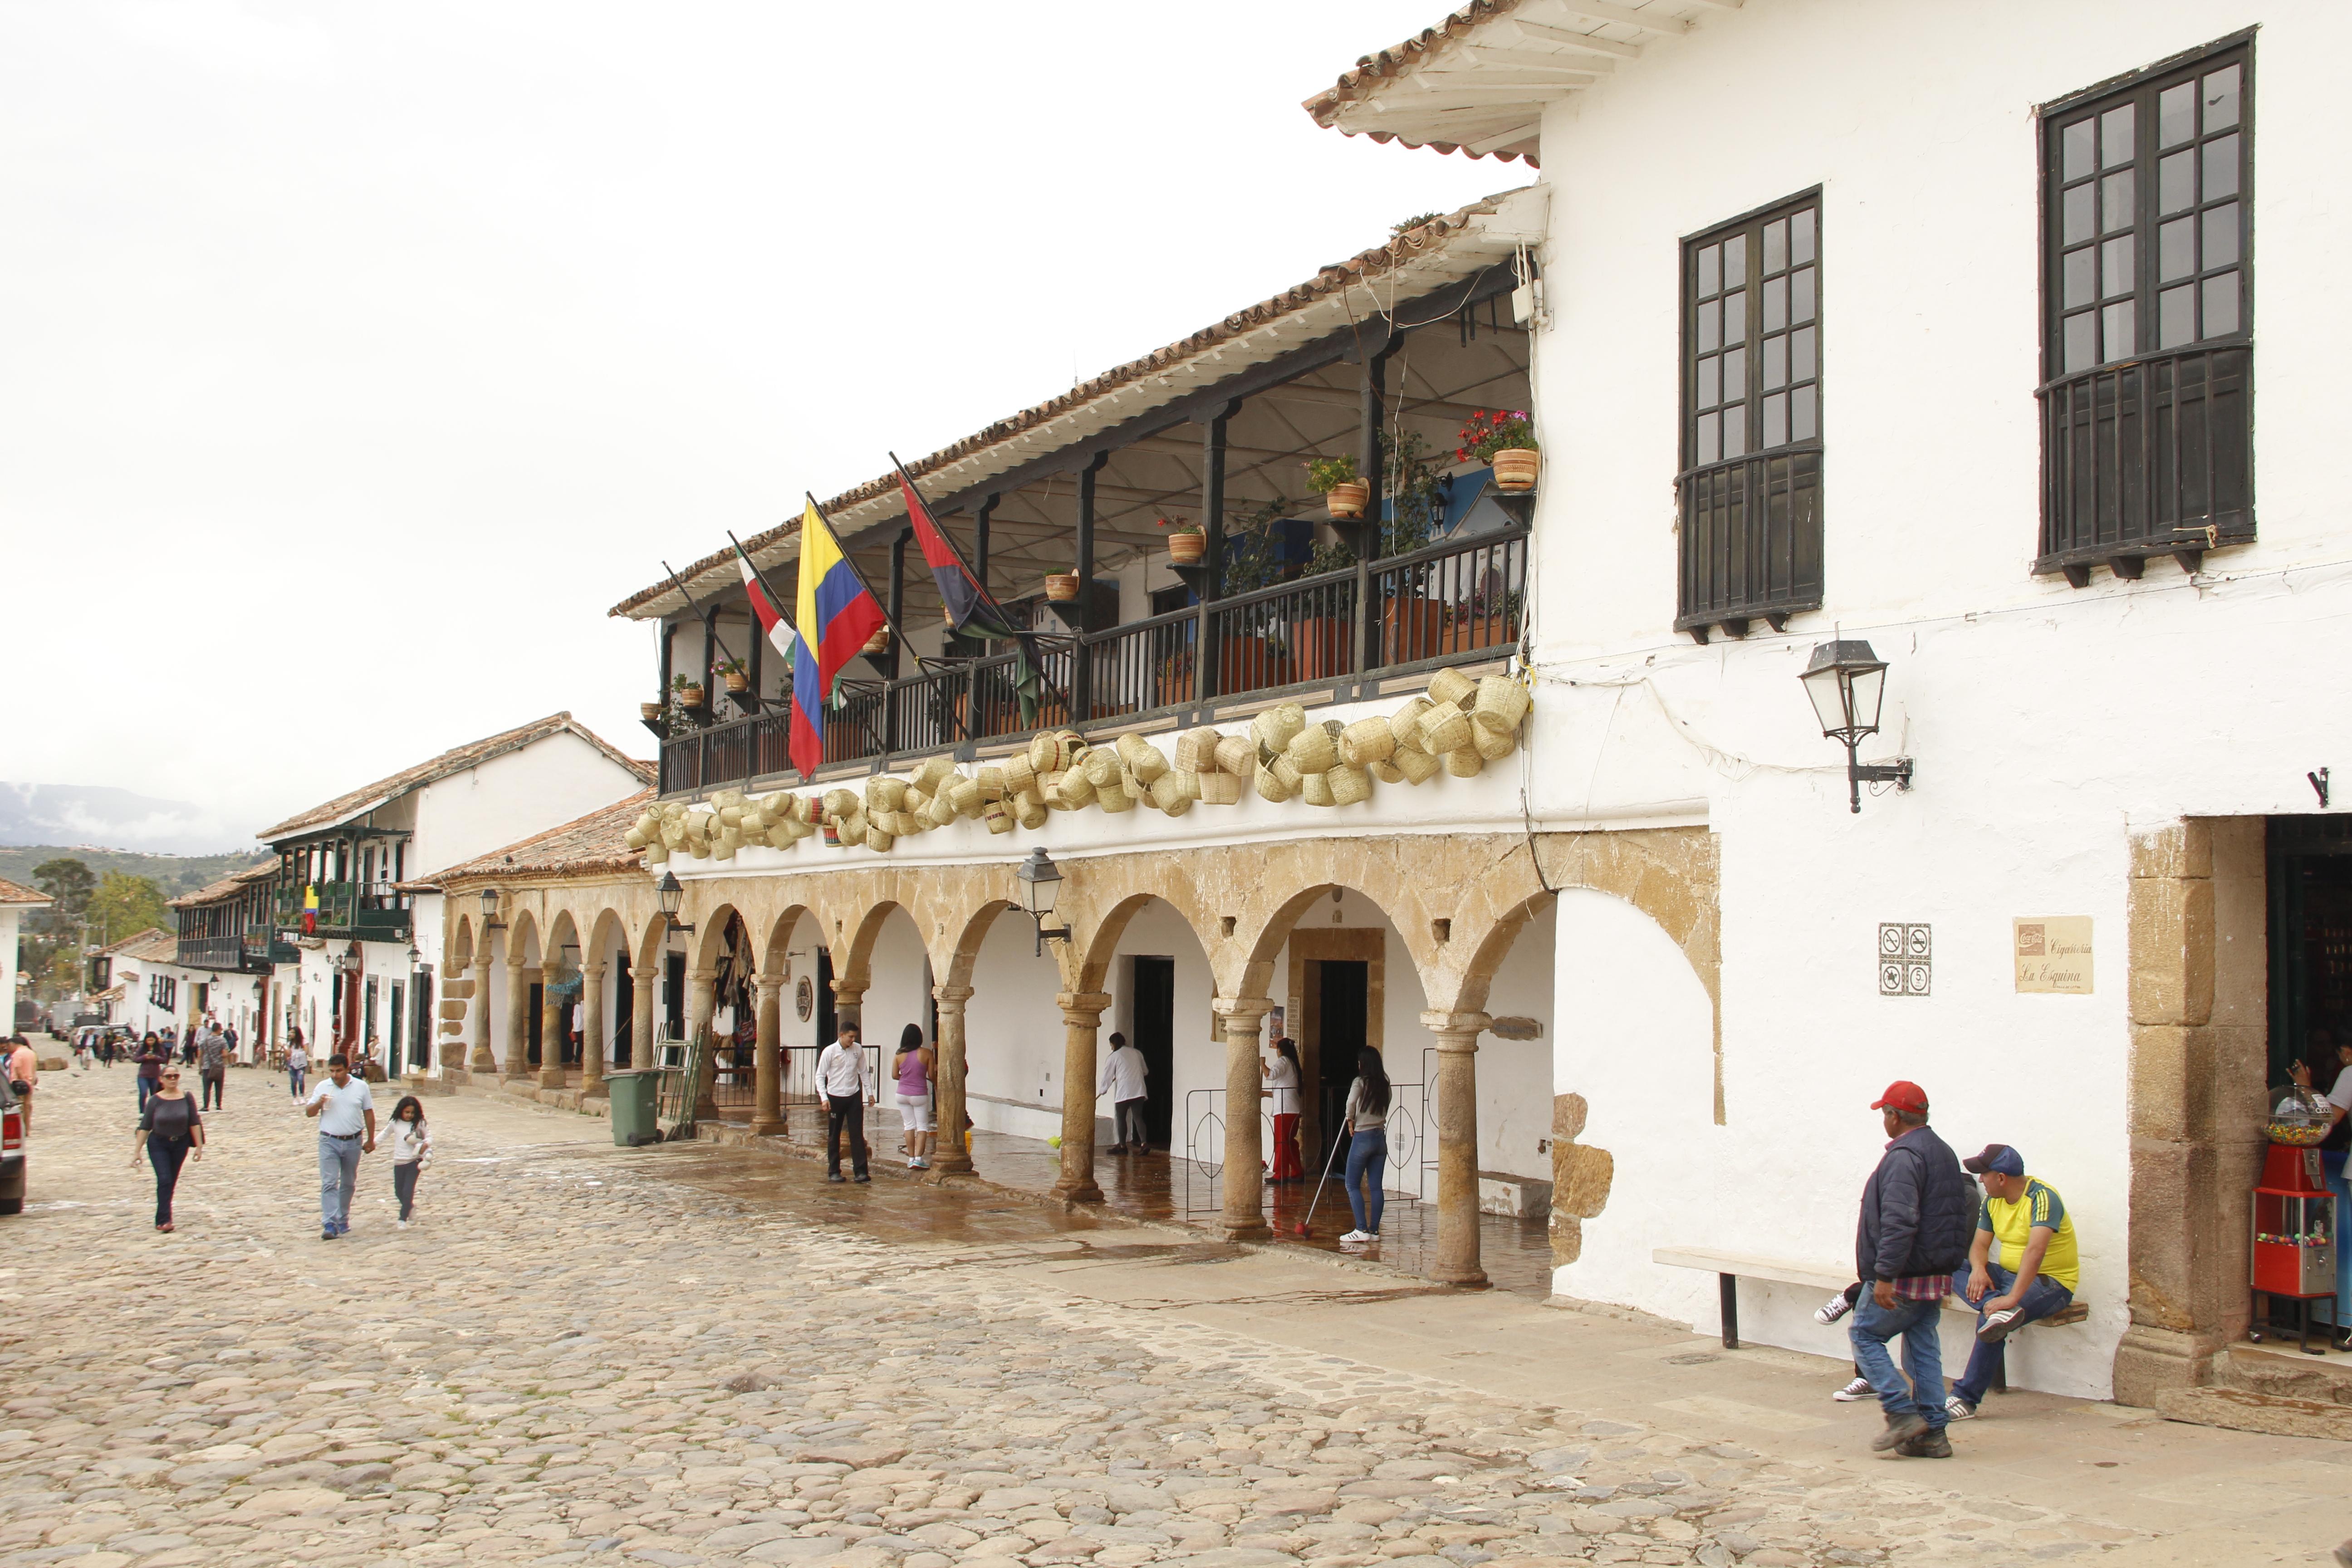 La Gobernación de Boyacá entregará canastos en Villa de Leyva